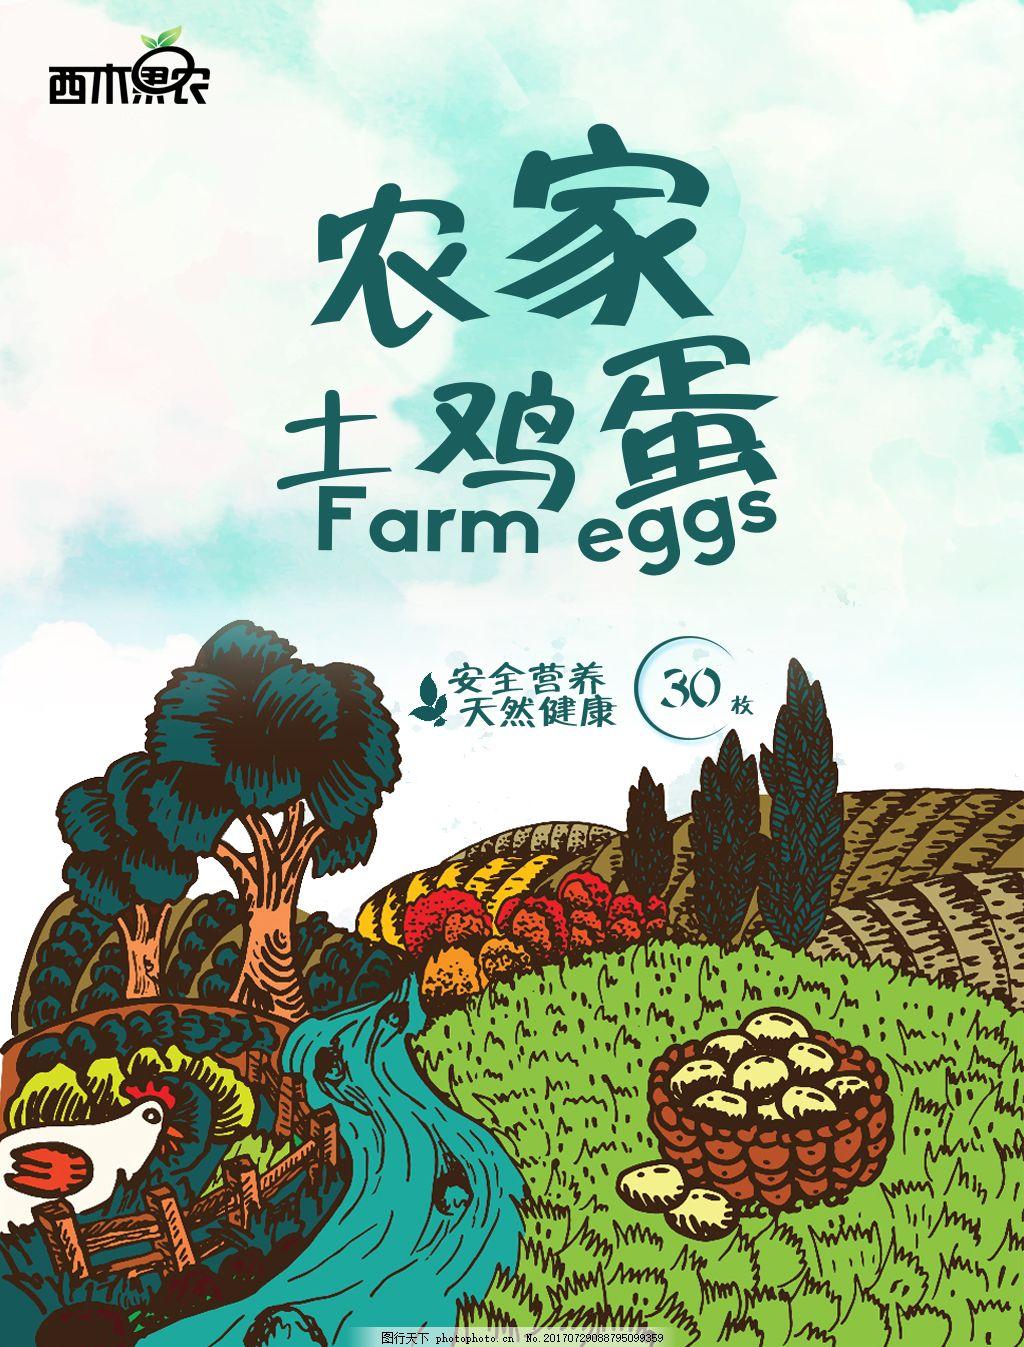 农家土鸡蛋插画海报 鸡插画 农庄插画 手绘 营养 天然 健康